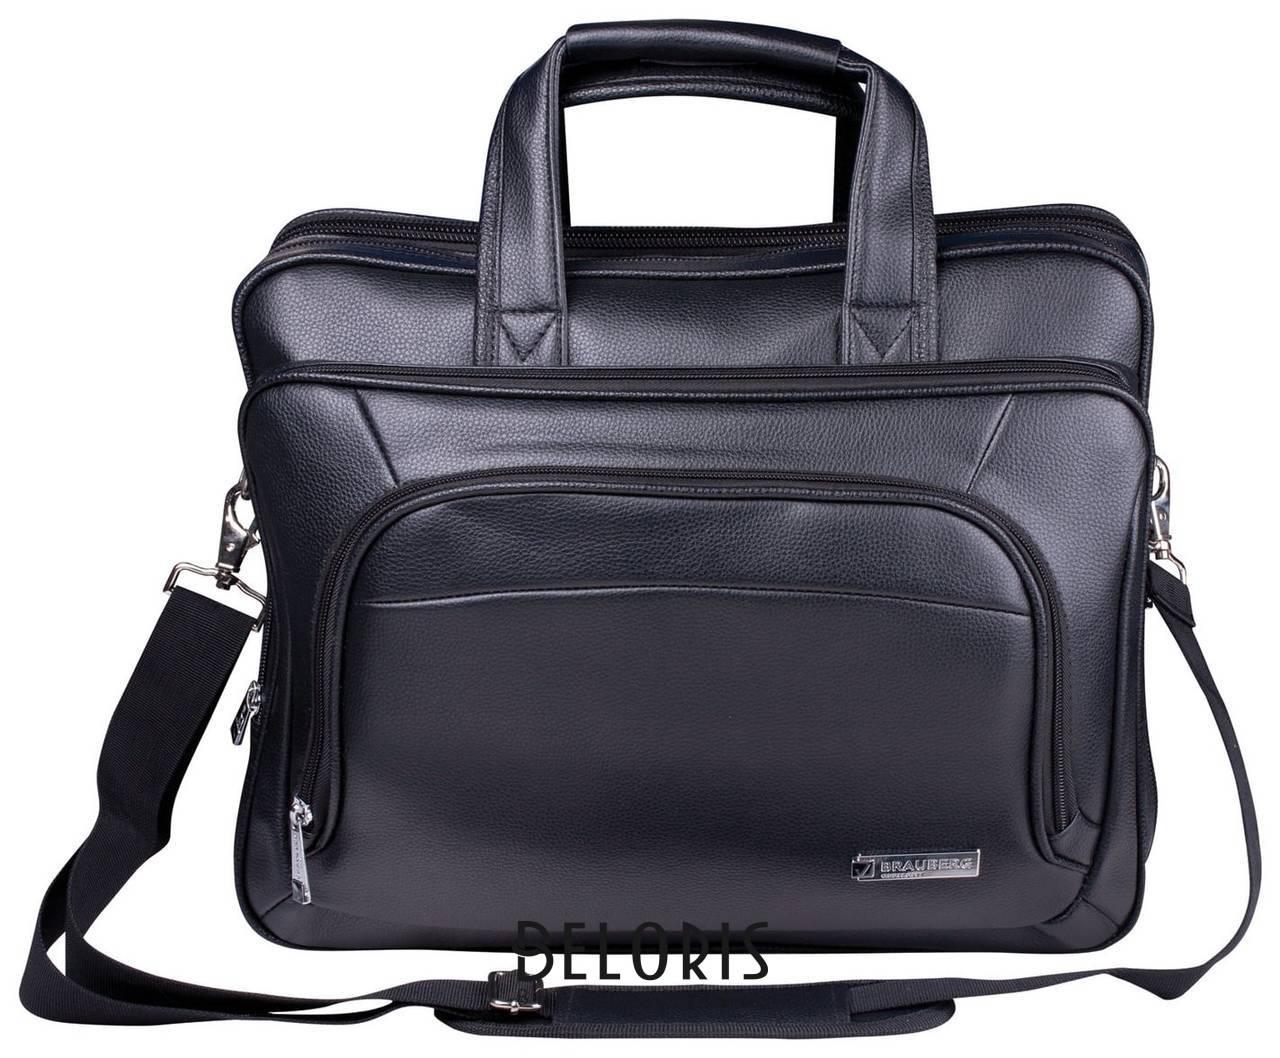 Сумка деловая Brauberg Favorite, 32х41х12 см, отделение для планшета и ноутбука 15,6, кожзам, черная Brauberg